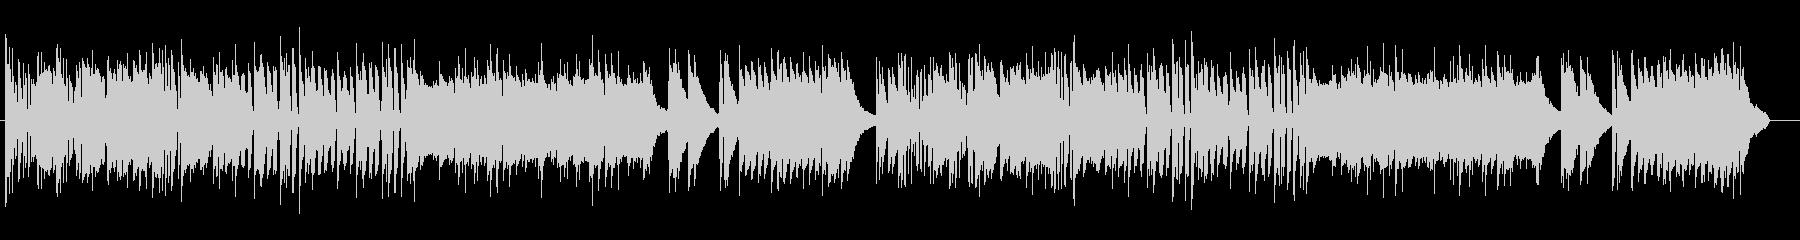 鉄琴とピアノによる懐かしい感じのポップスの未再生の波形